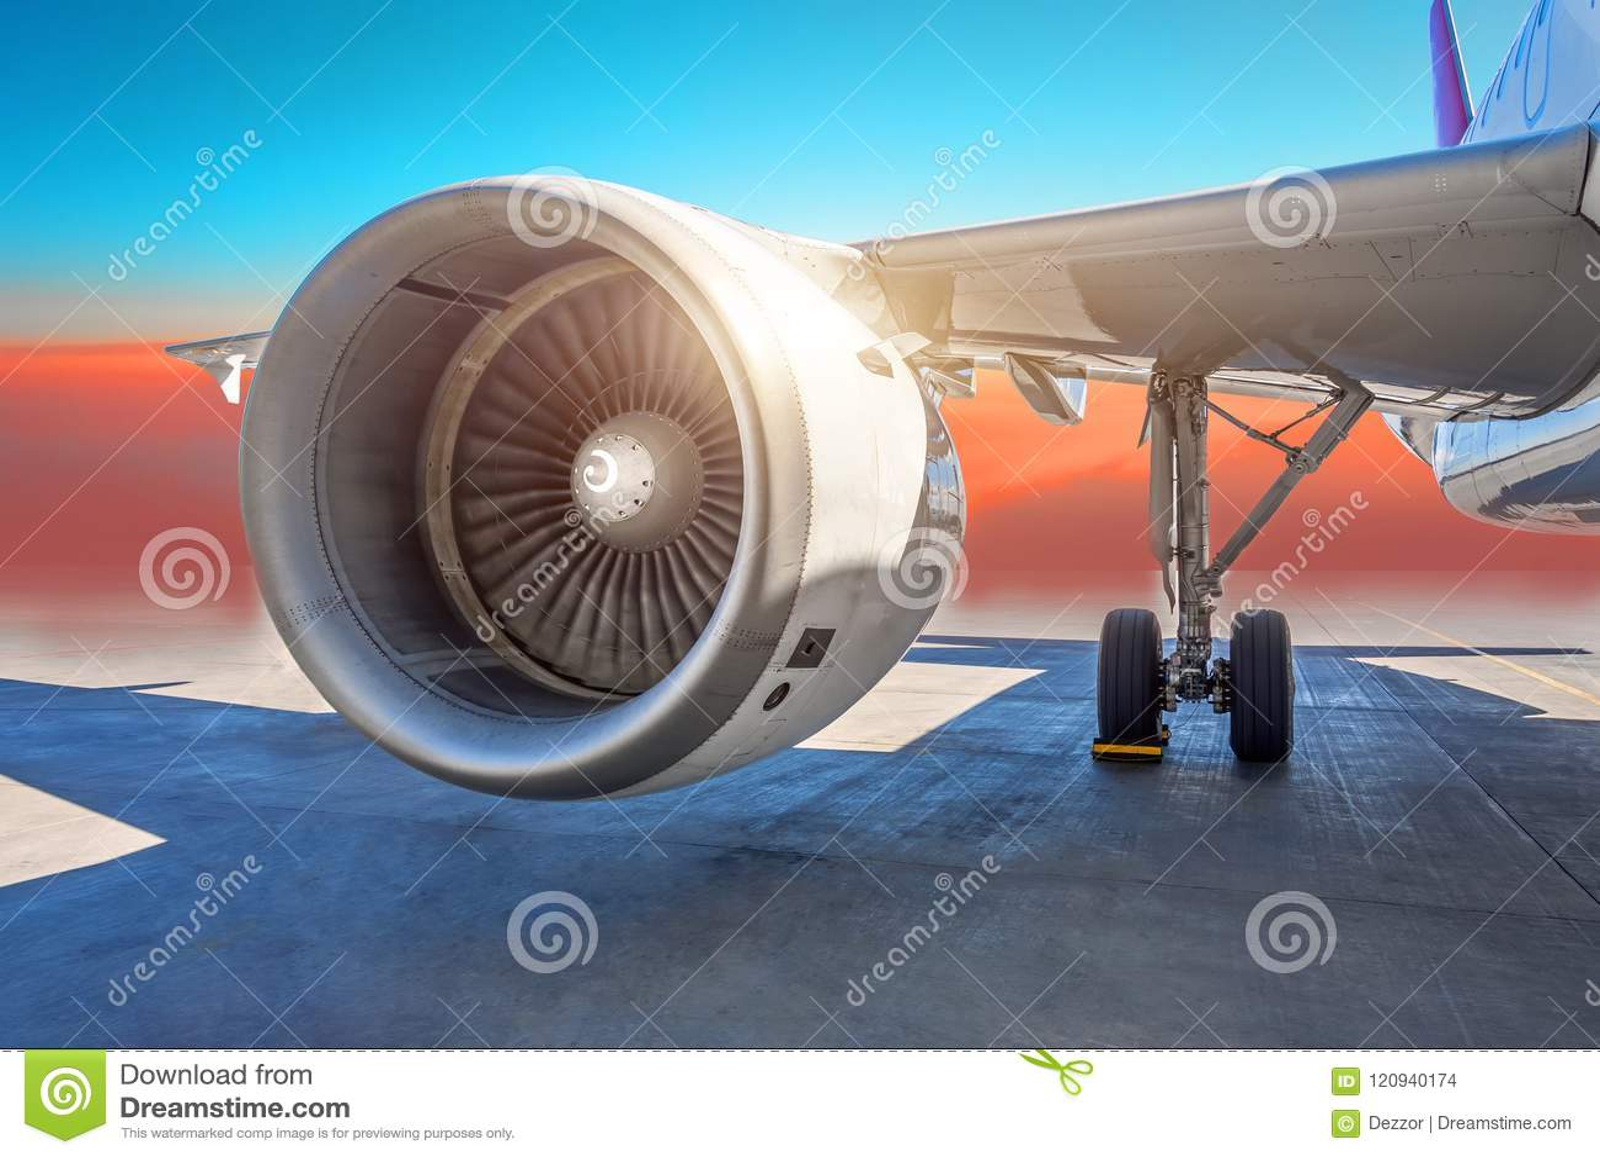 Конец-вверх реактивного двигателя воздушных судн, крыло самолета и шасси колеса посадочного устройства припарковали на авиапорте